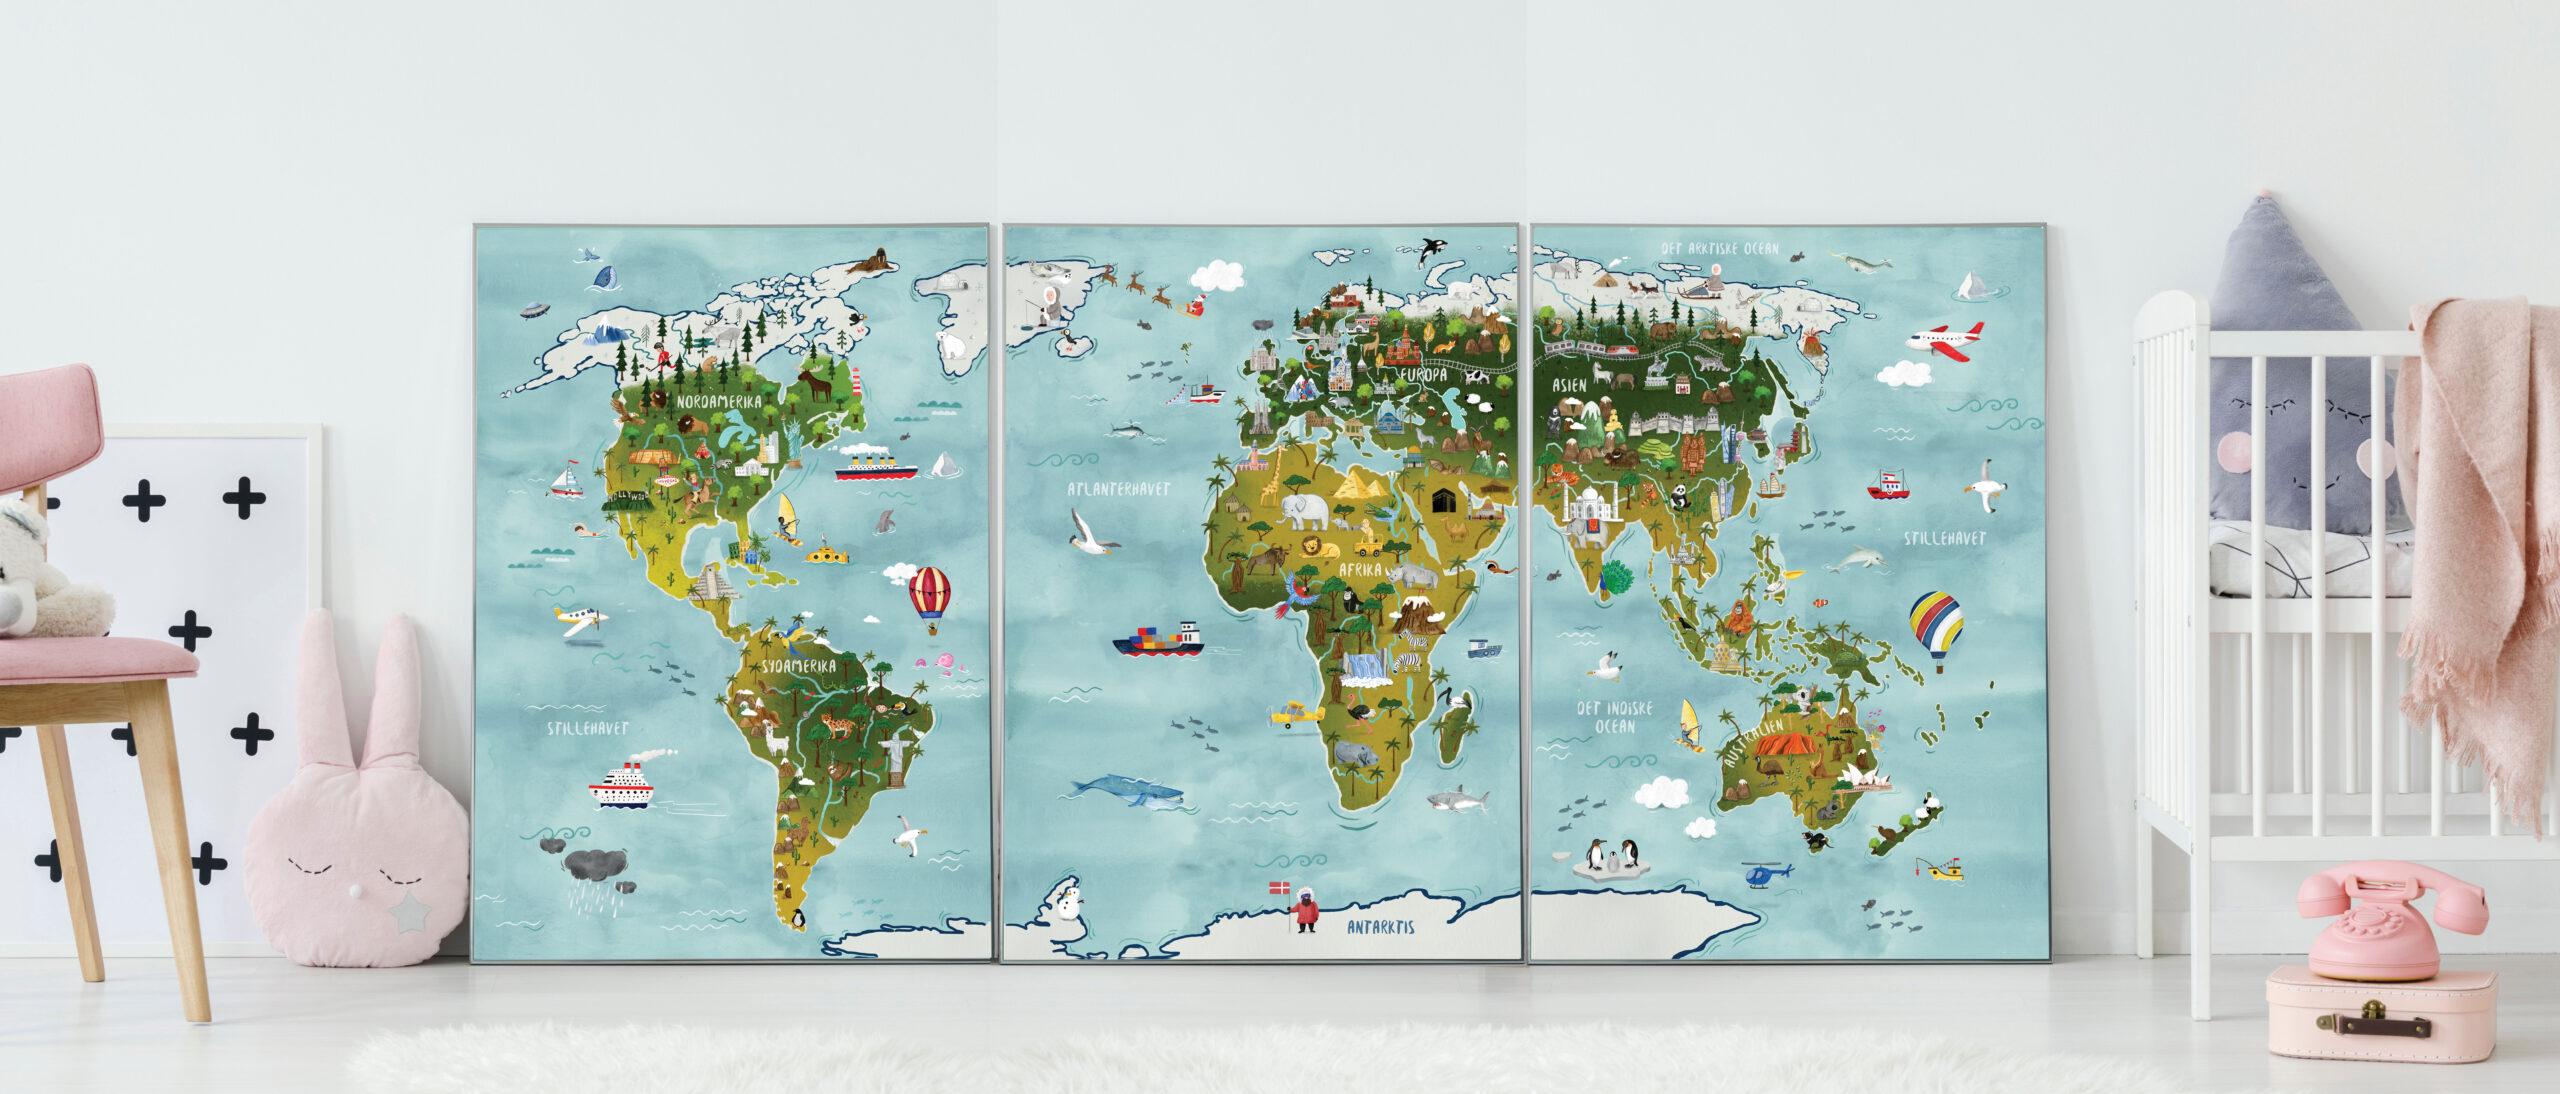 verdenskort-Boerne-haandtegnet-2